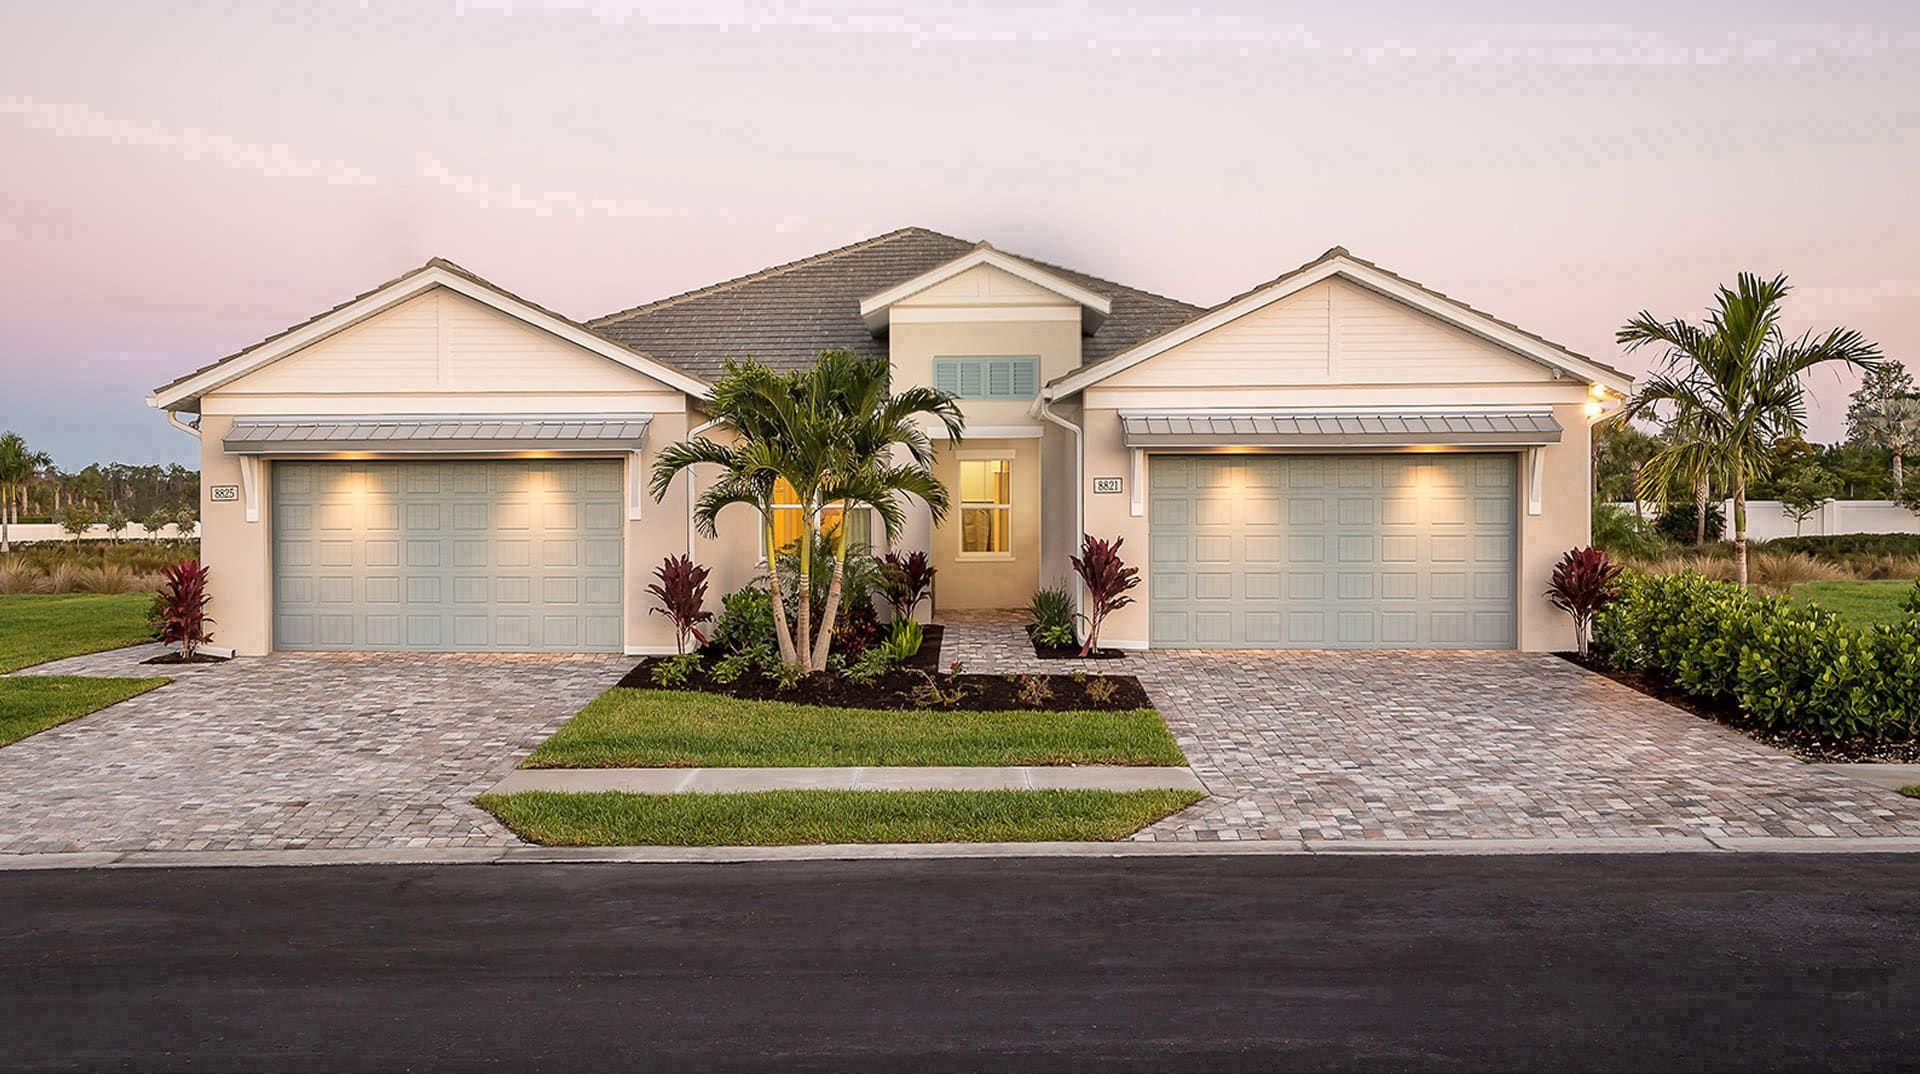 panama city mortgage, panama city mortgage rates, panama city mortgage broker, panama city mortgage lender, panama city mortgage company, panama city mortgage calculator,